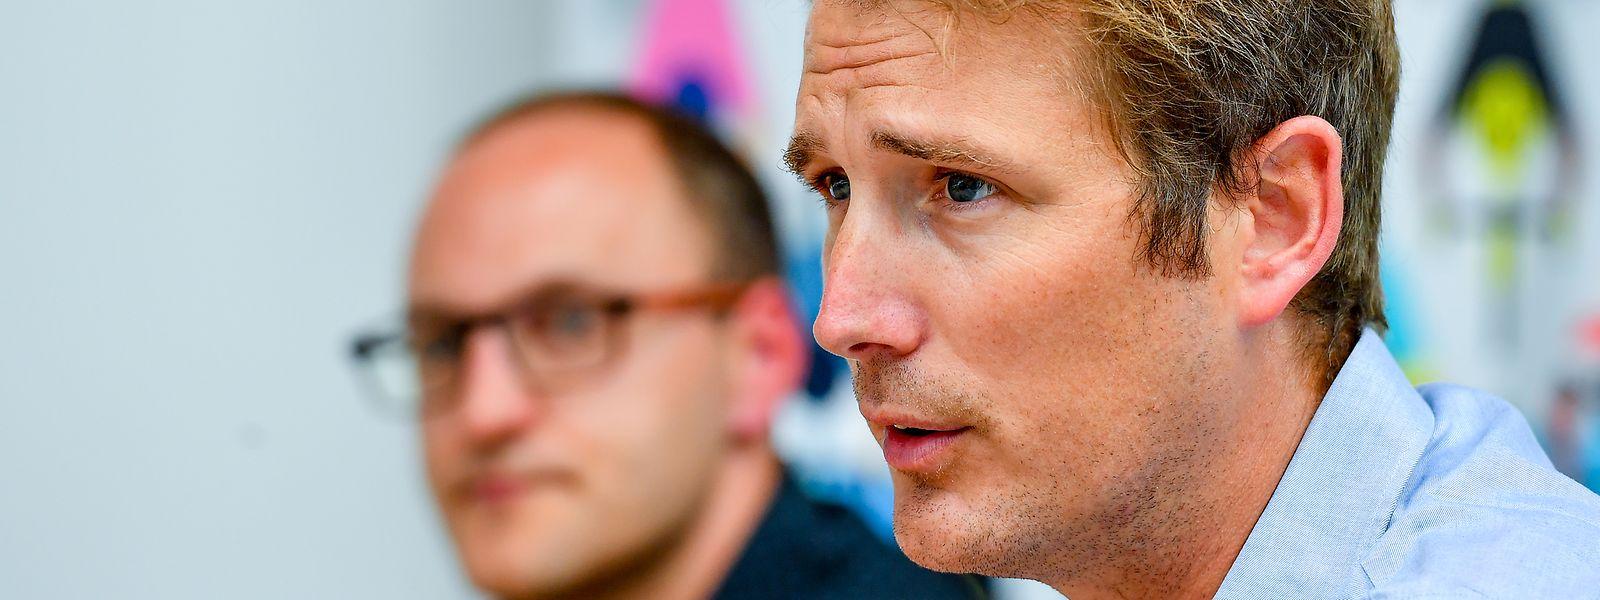 Der ehemalige Radprofi Andy Schleck kann die Reaktion der Fahrer verstehen.